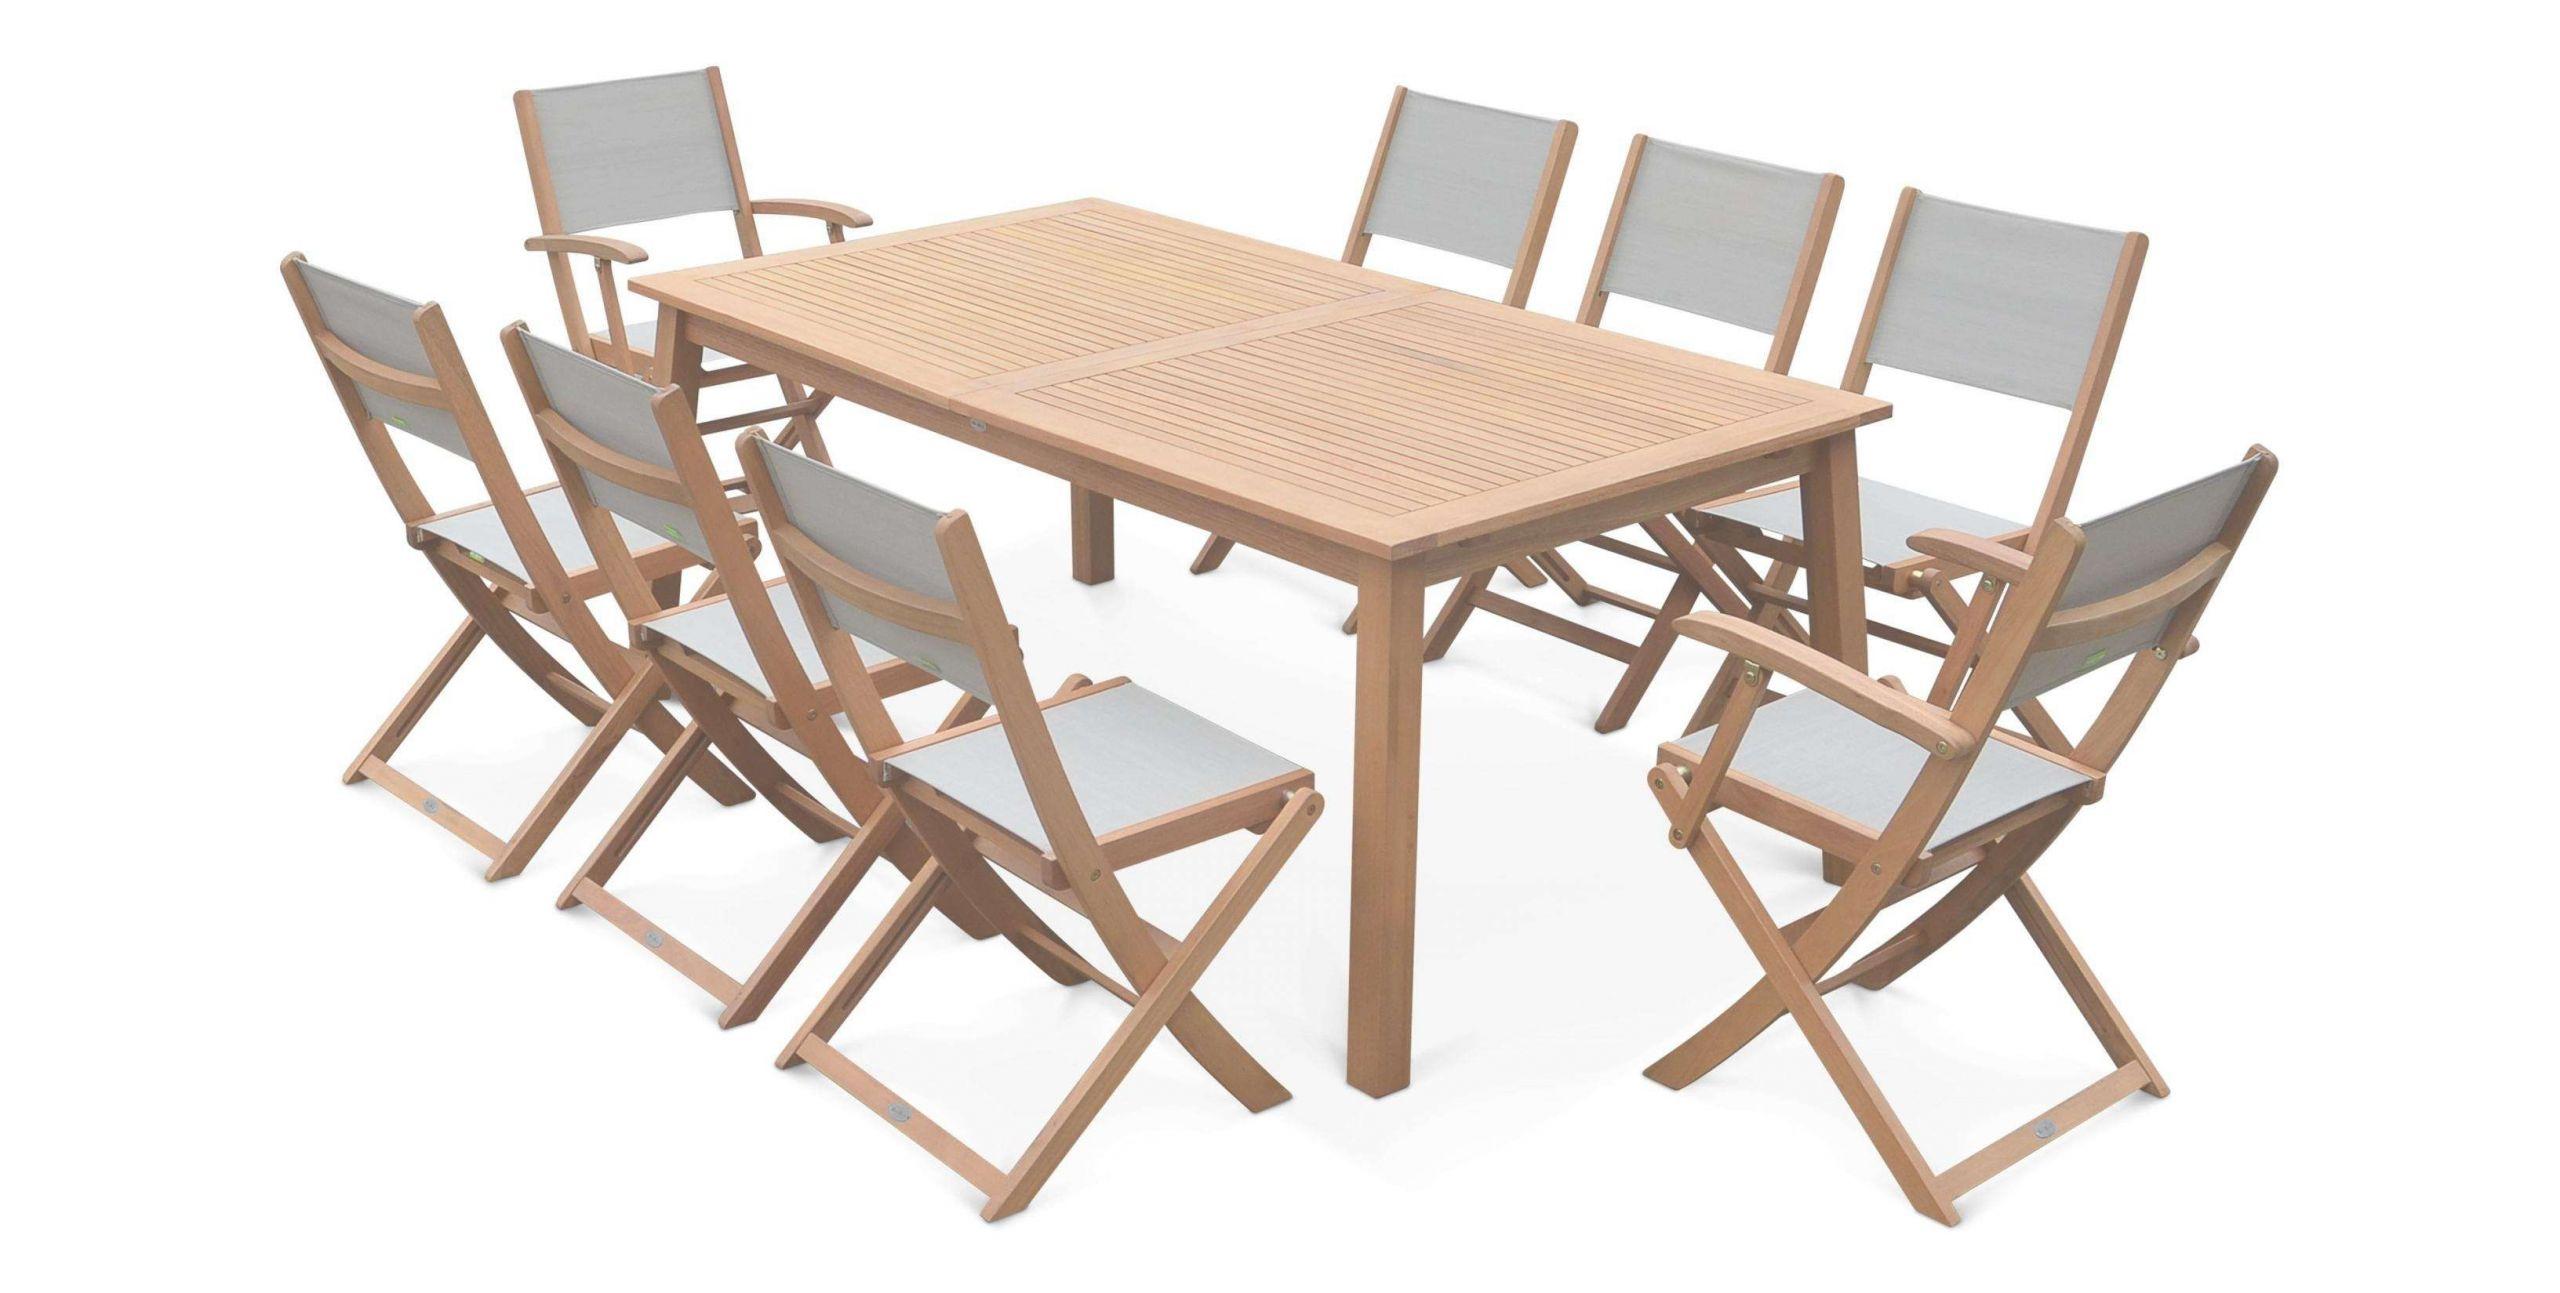 table de jardin pliante i amazing house design brillant camping table de jardin pliante i images amazing house design intended chaise camping